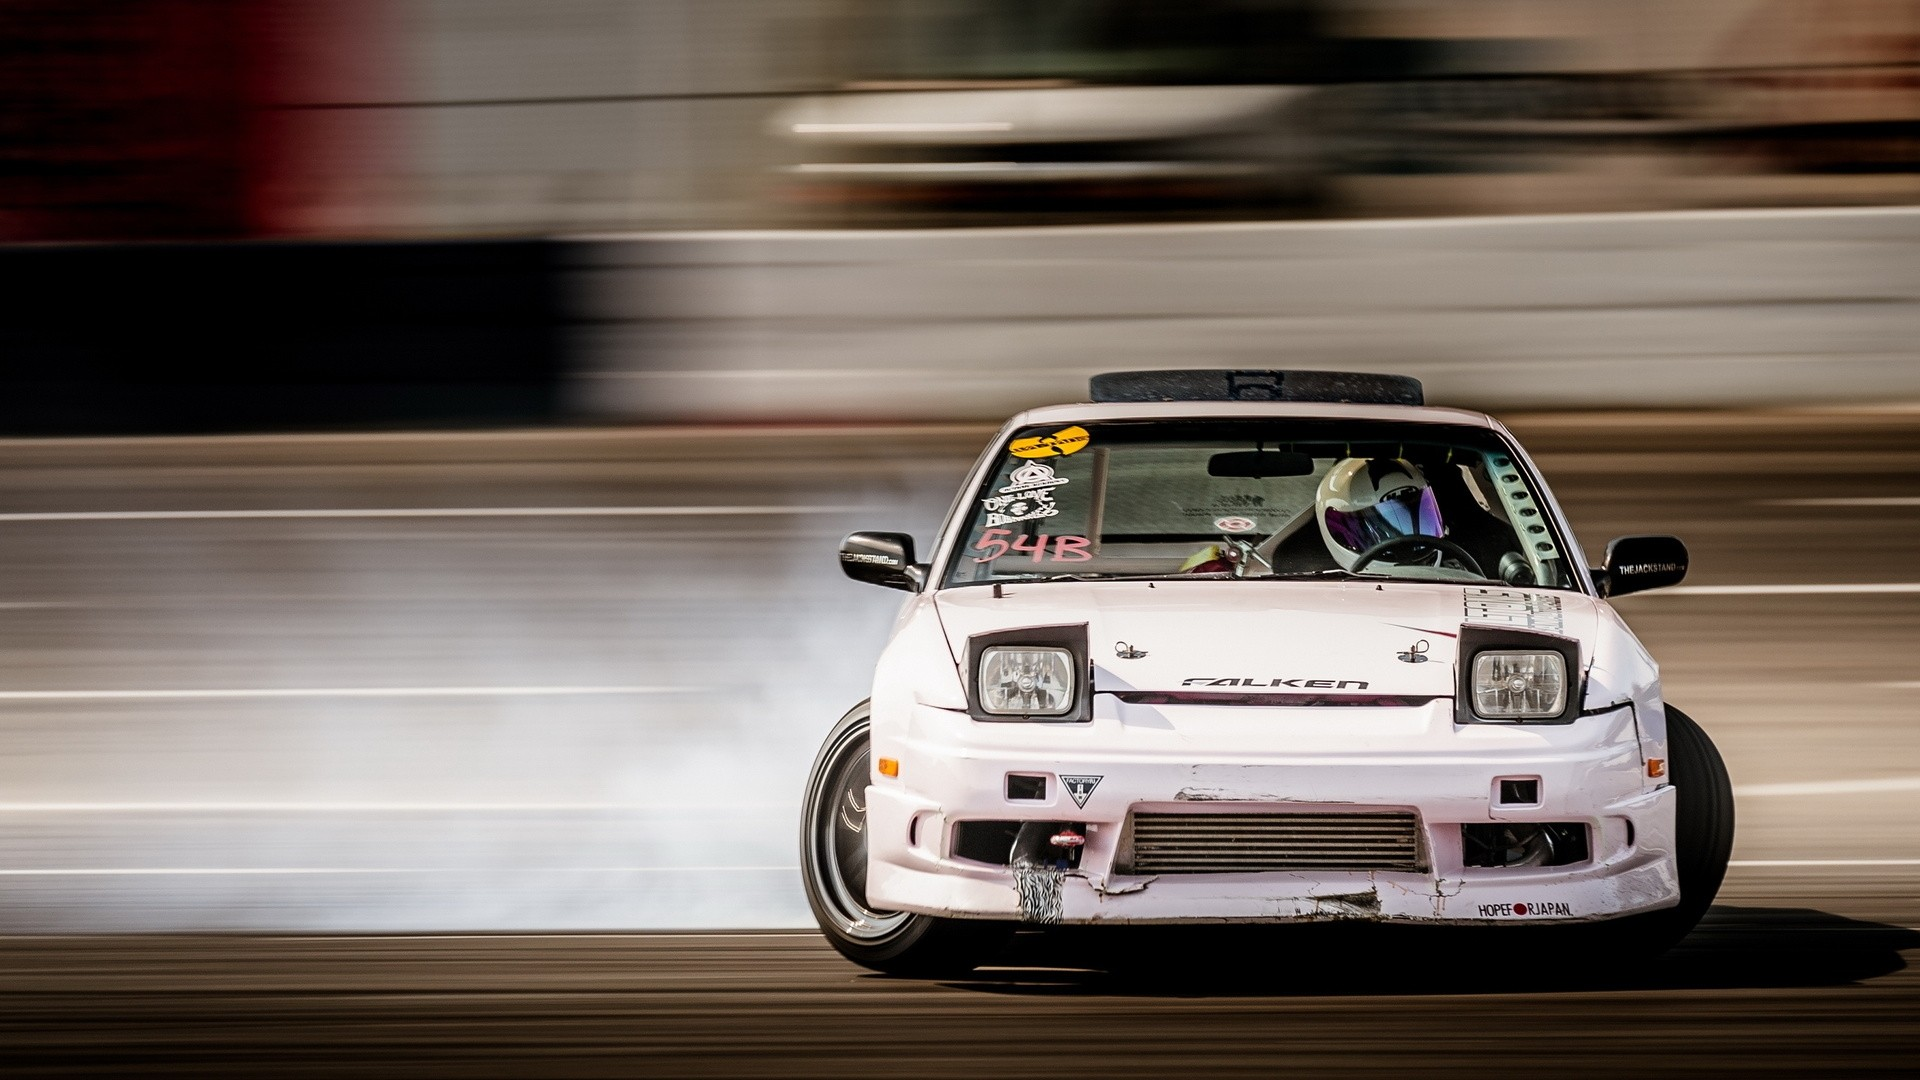 Drift Wallpaper Picture hd